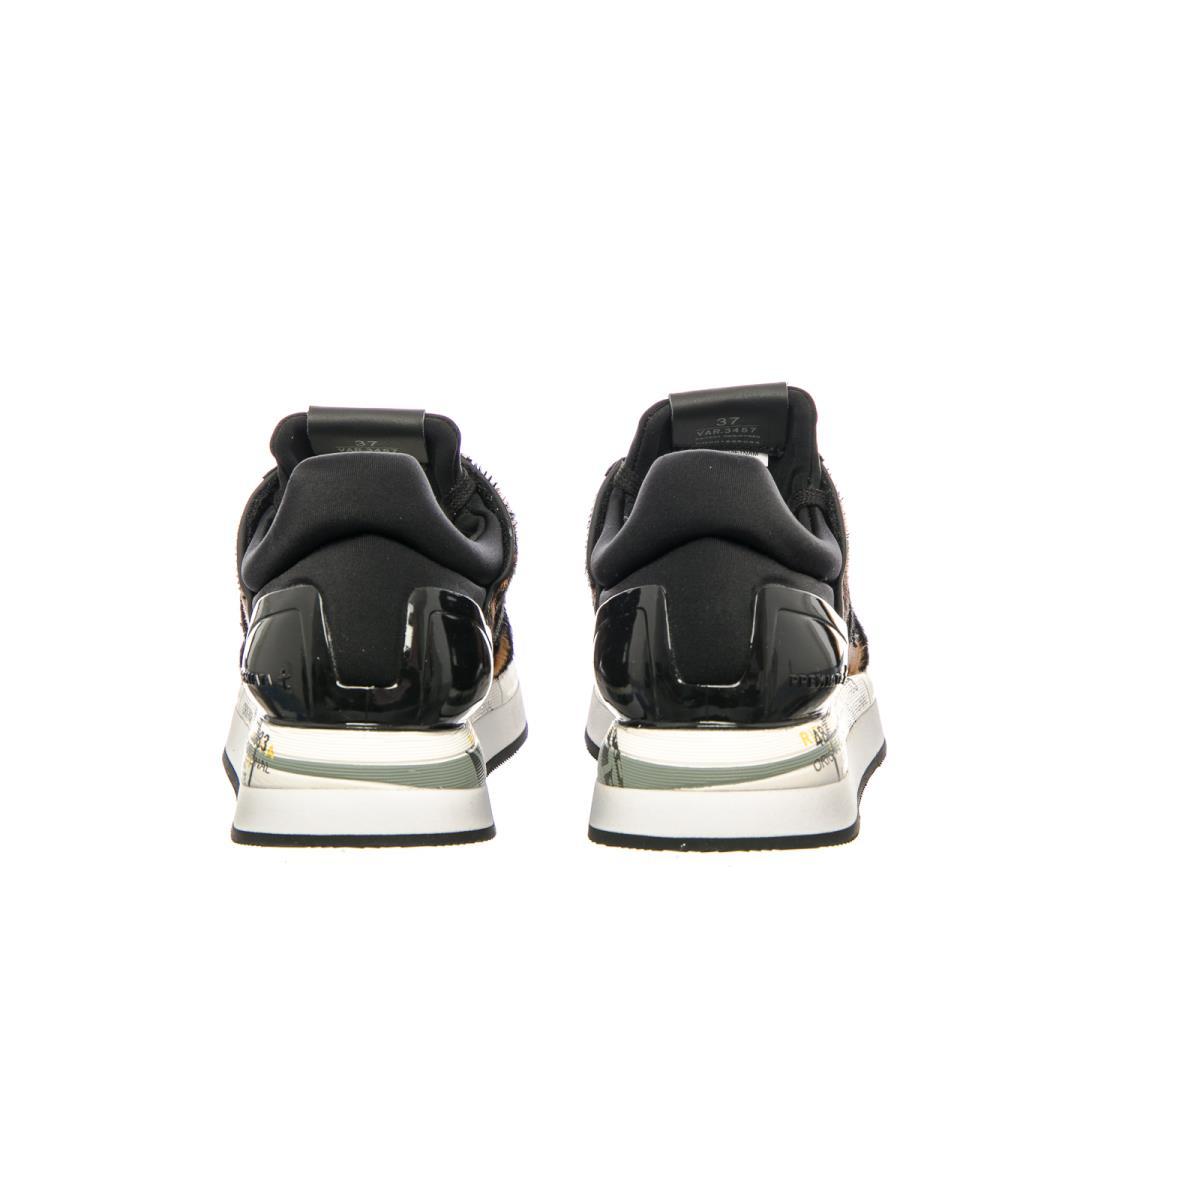 Jole Premiata Sneakers Premiata Premiata Sneakers Jole Liz Liz Boutique  Boutique qPO6a7Eq 4e184ac15fc